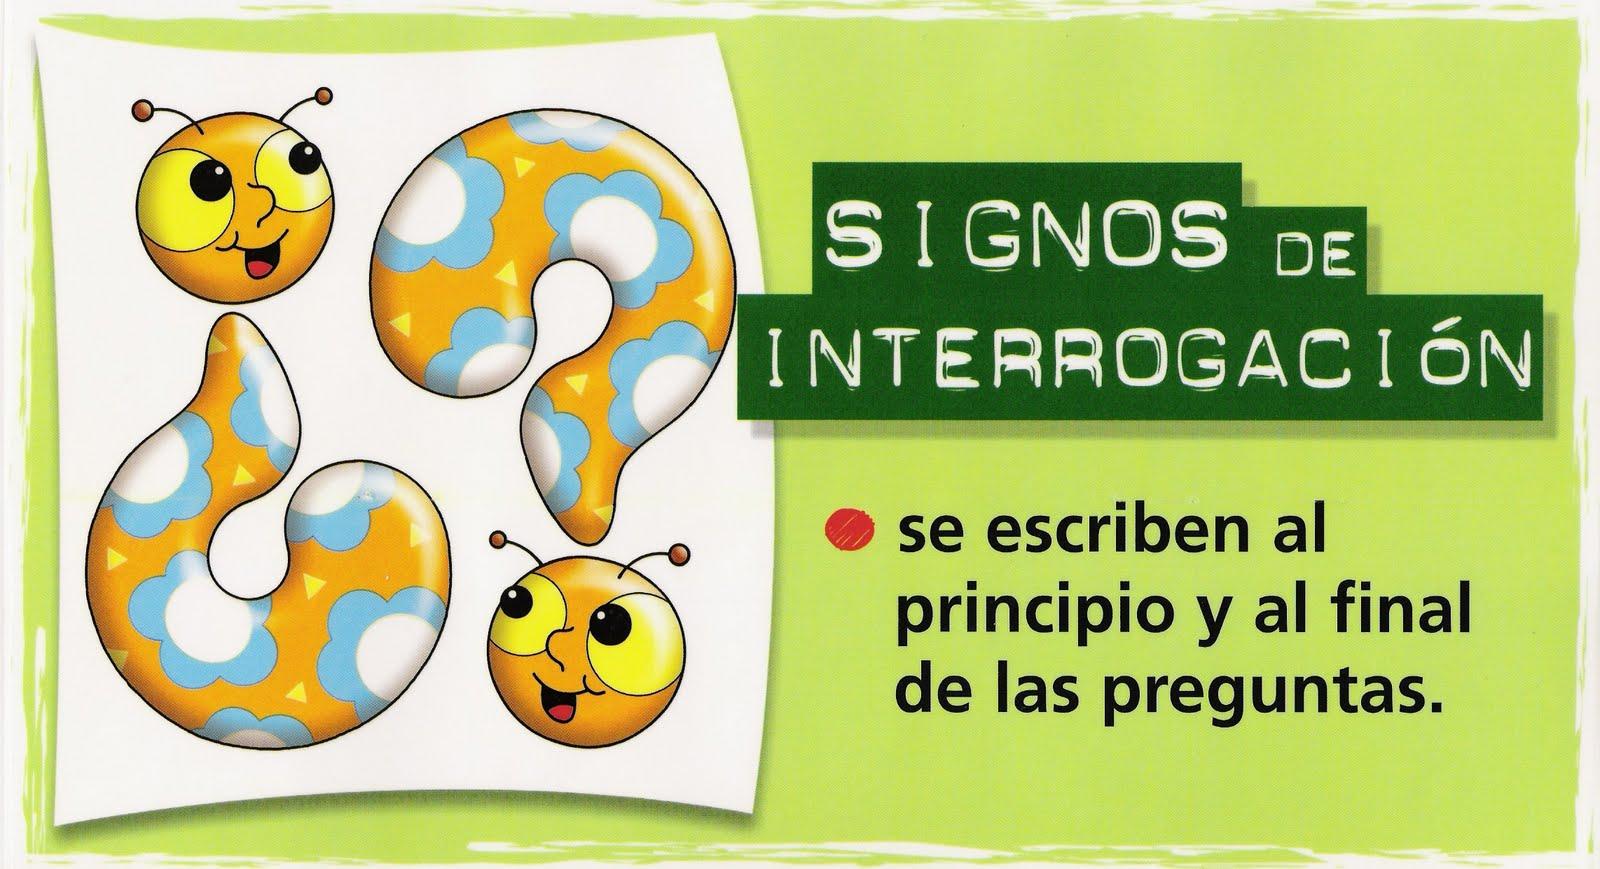 dibujos lenguaje de signos: